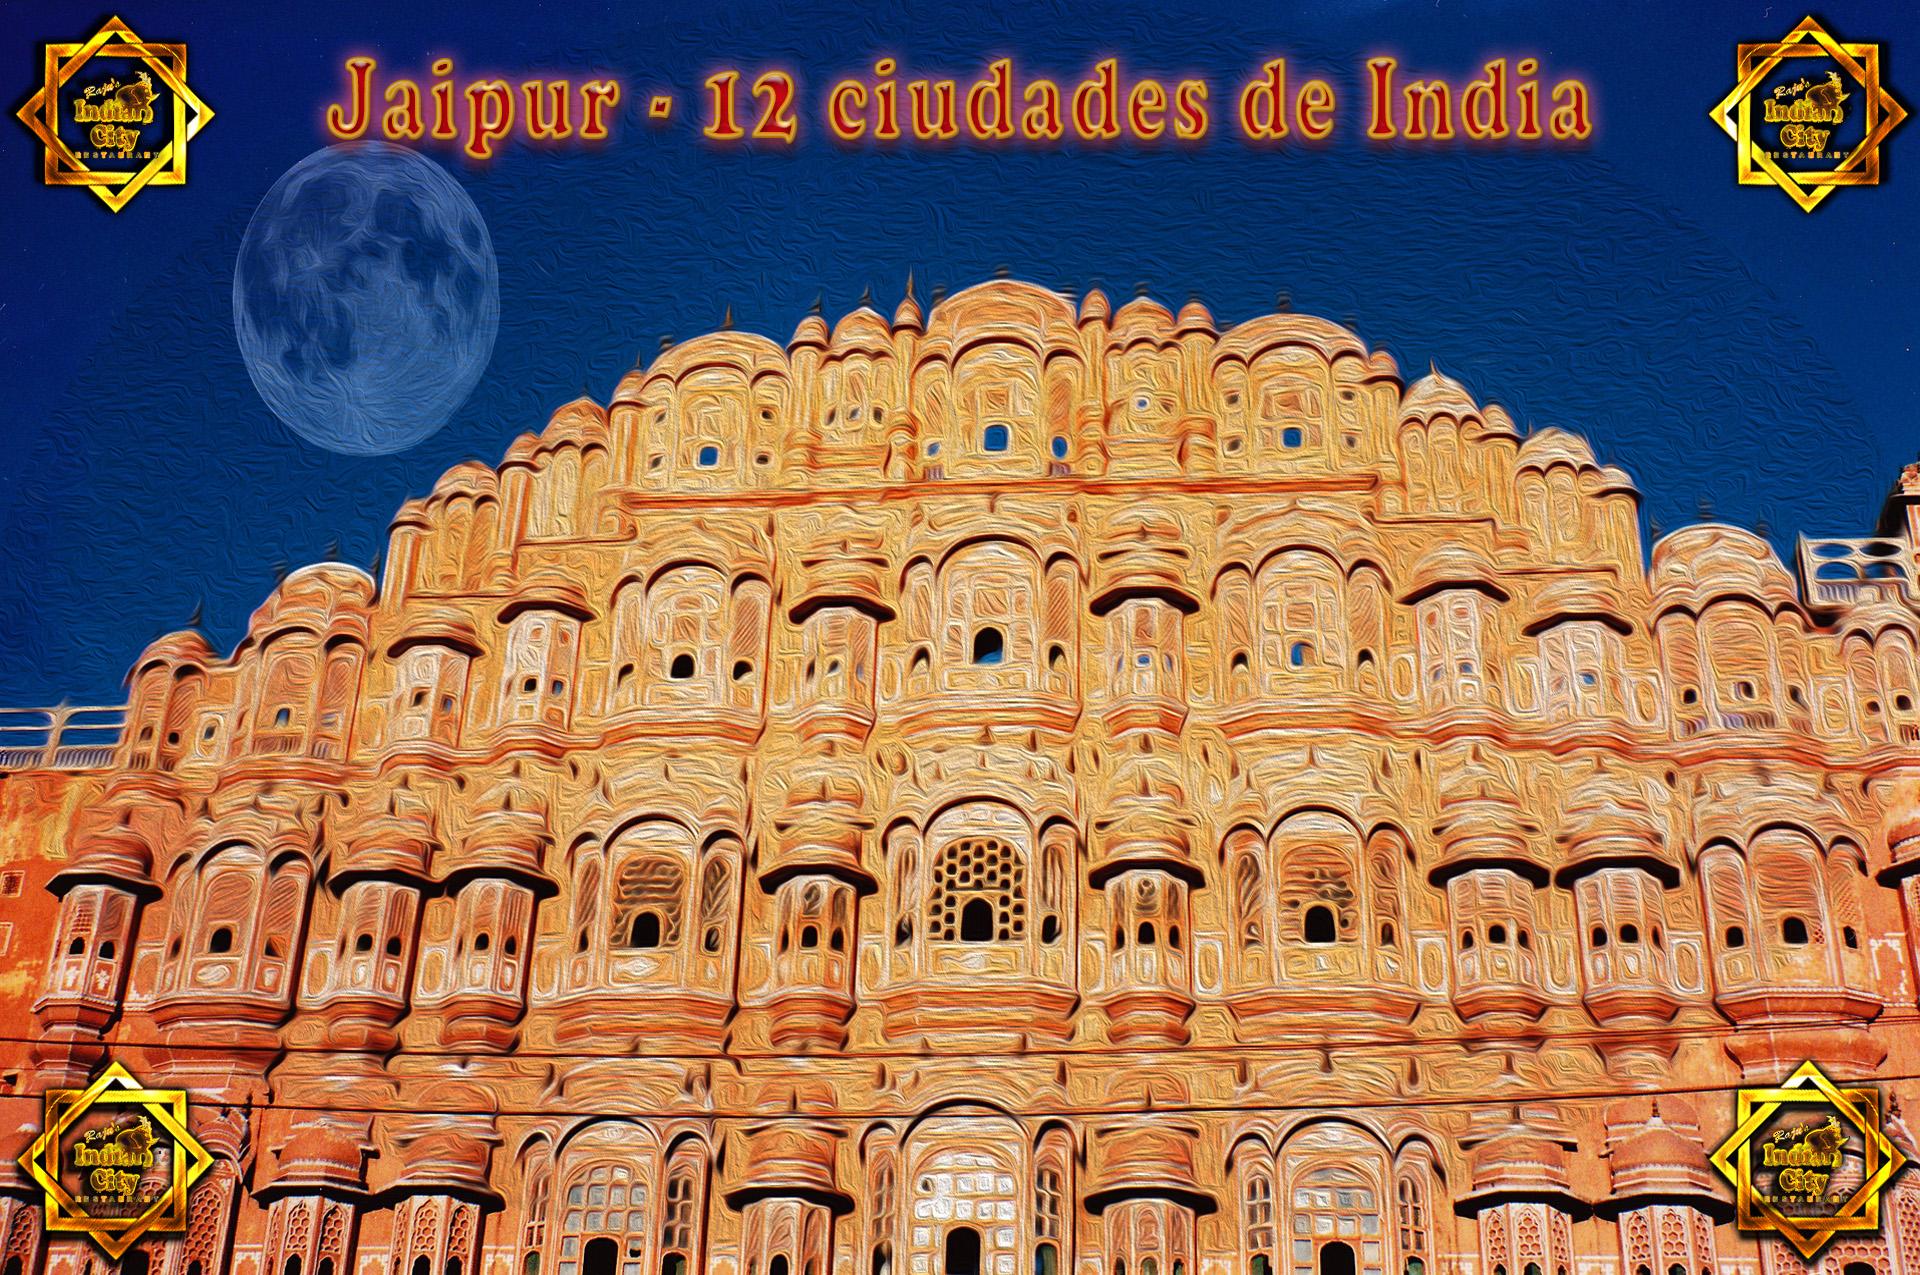 Jaipur – 12 Ciudades de India